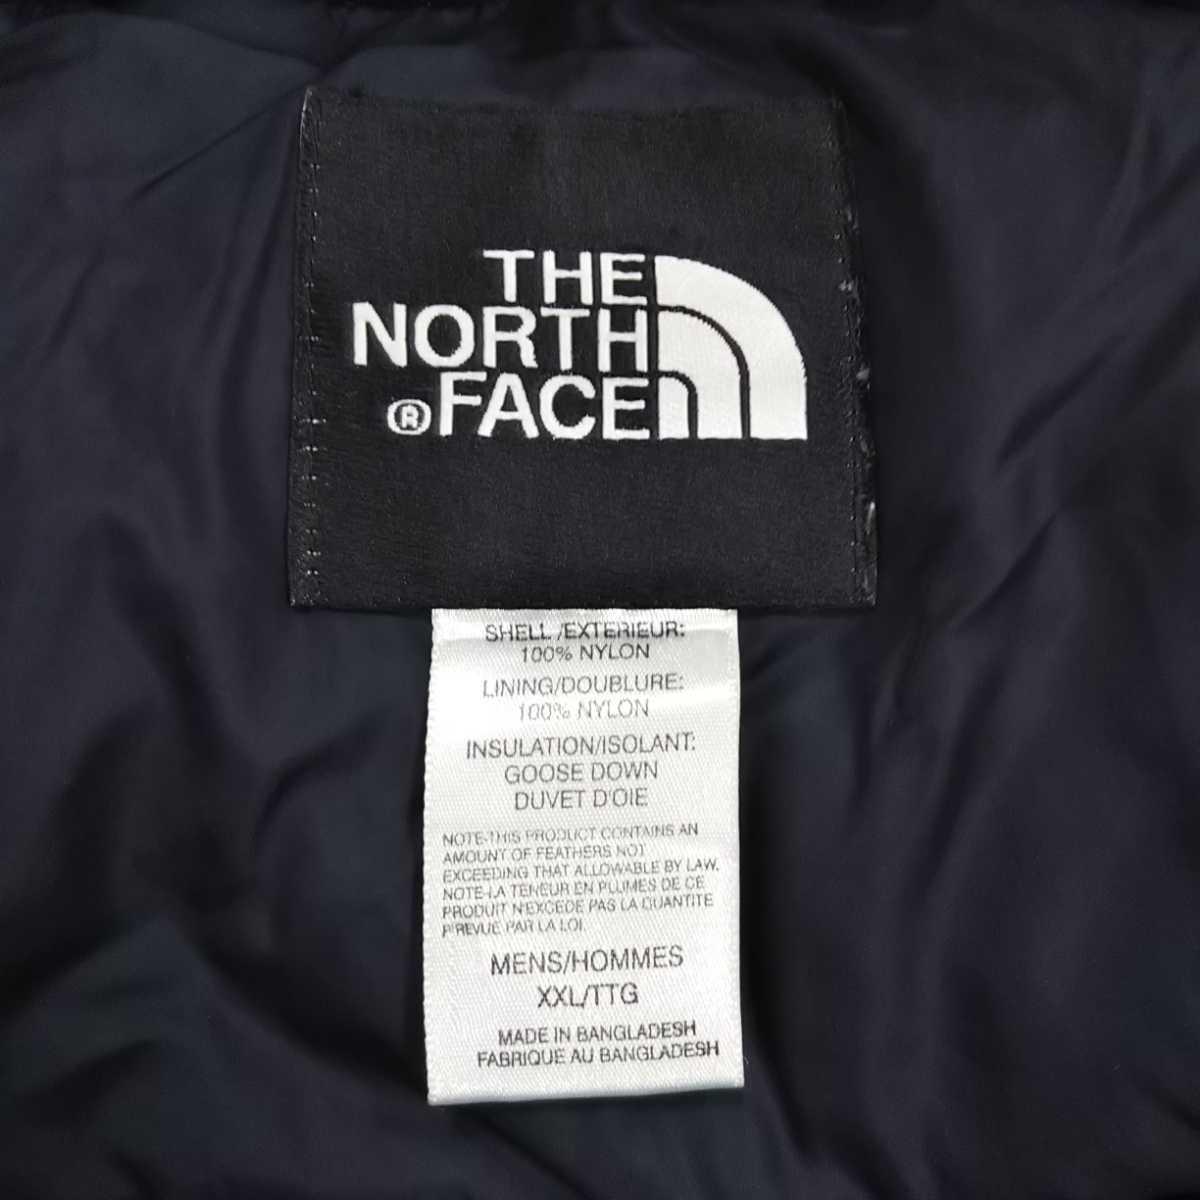 ★ THE NORTH FACE ★ マウンテンパーカー ナイロンジャケット ノースフェイス ハイベント ゴアテックス フリース デナリ ダウン 古着 372_画像4